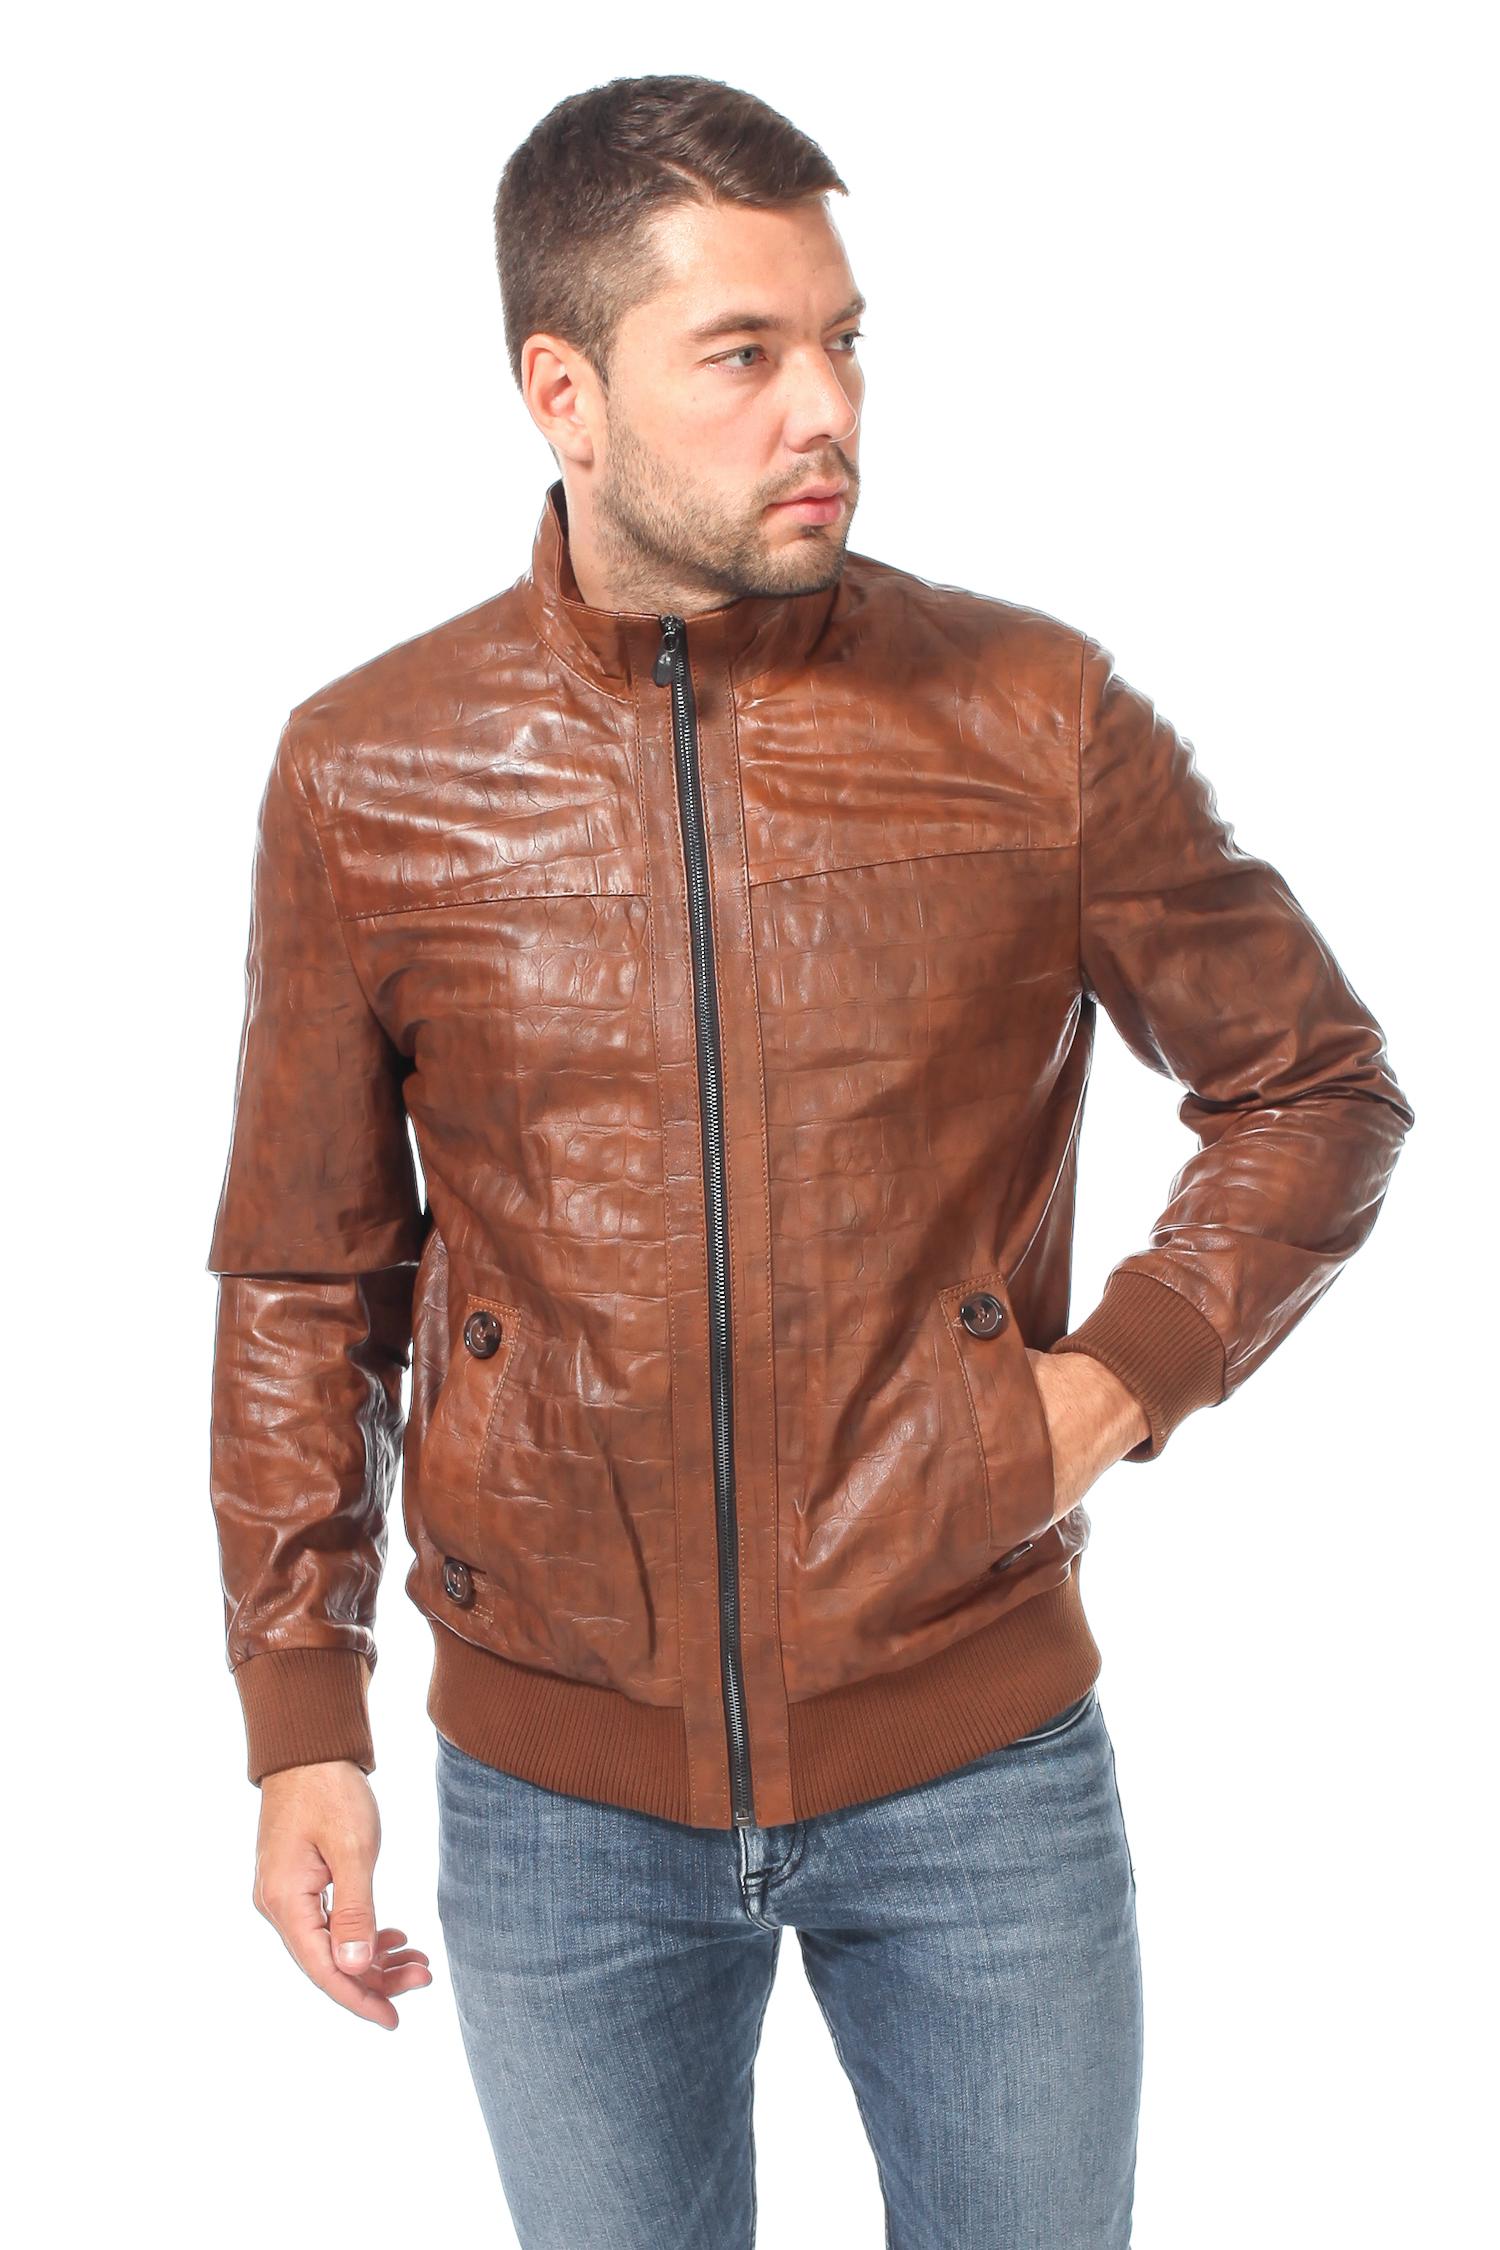 Мужская кожаная куртка из натуральной кожи<br><br>Воротник: стойка<br>Длина см: Короткая (51-74 )<br>Материал: Кожа овчина<br>Цвет: коричневый<br>Вид застежки: центральная<br>Застежка: на молнии<br>Пол: Мужской<br>Размер RU: 50